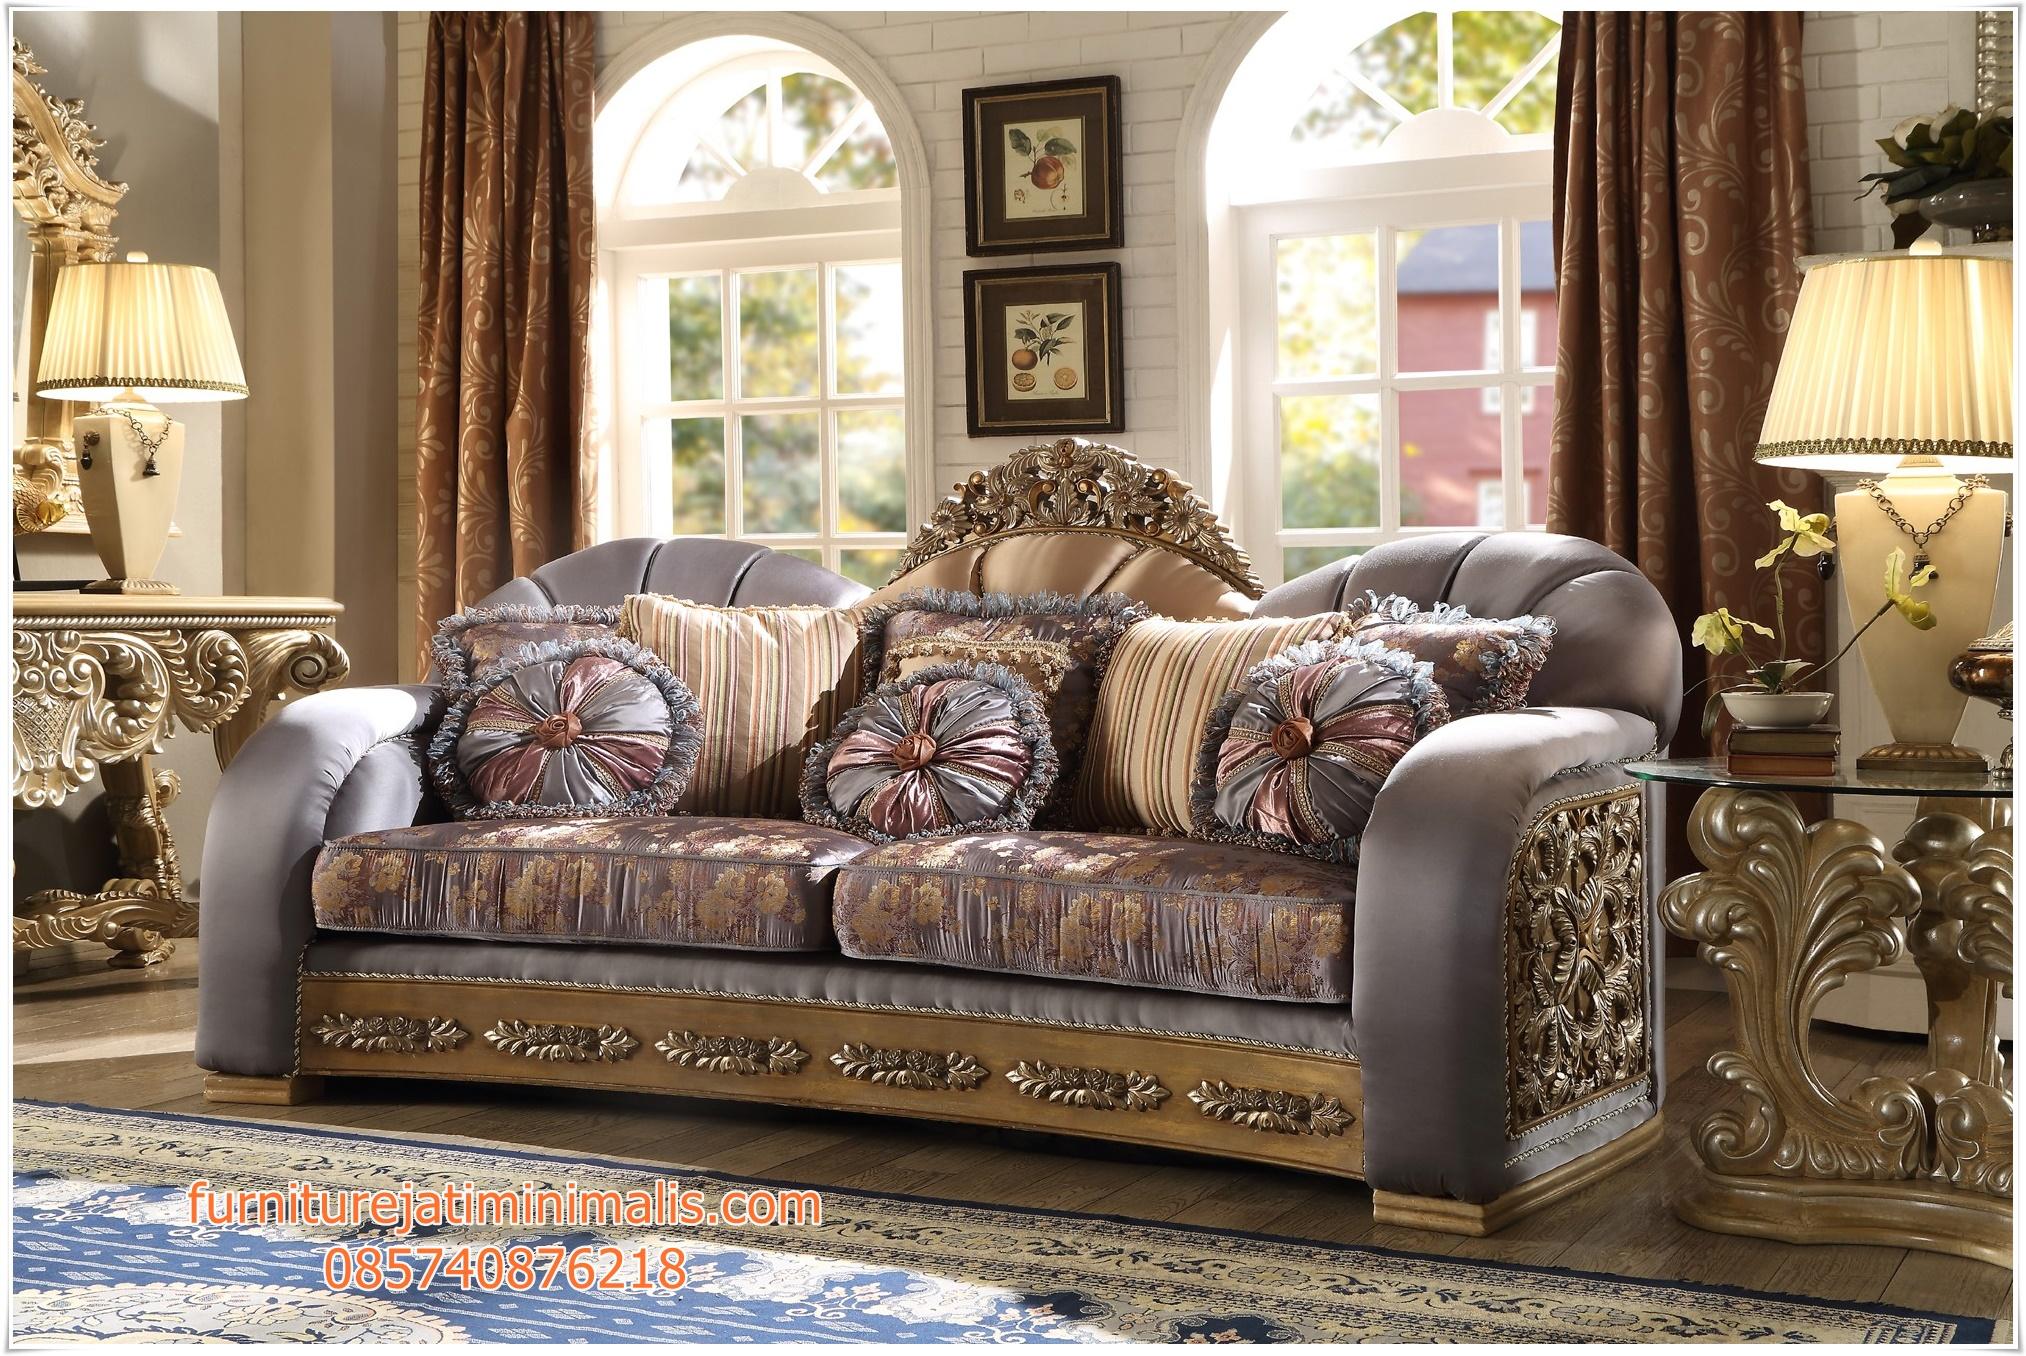 Sofa mewah ruang tamu klasik sofa mewah set sofa ruang for Sofa klasik